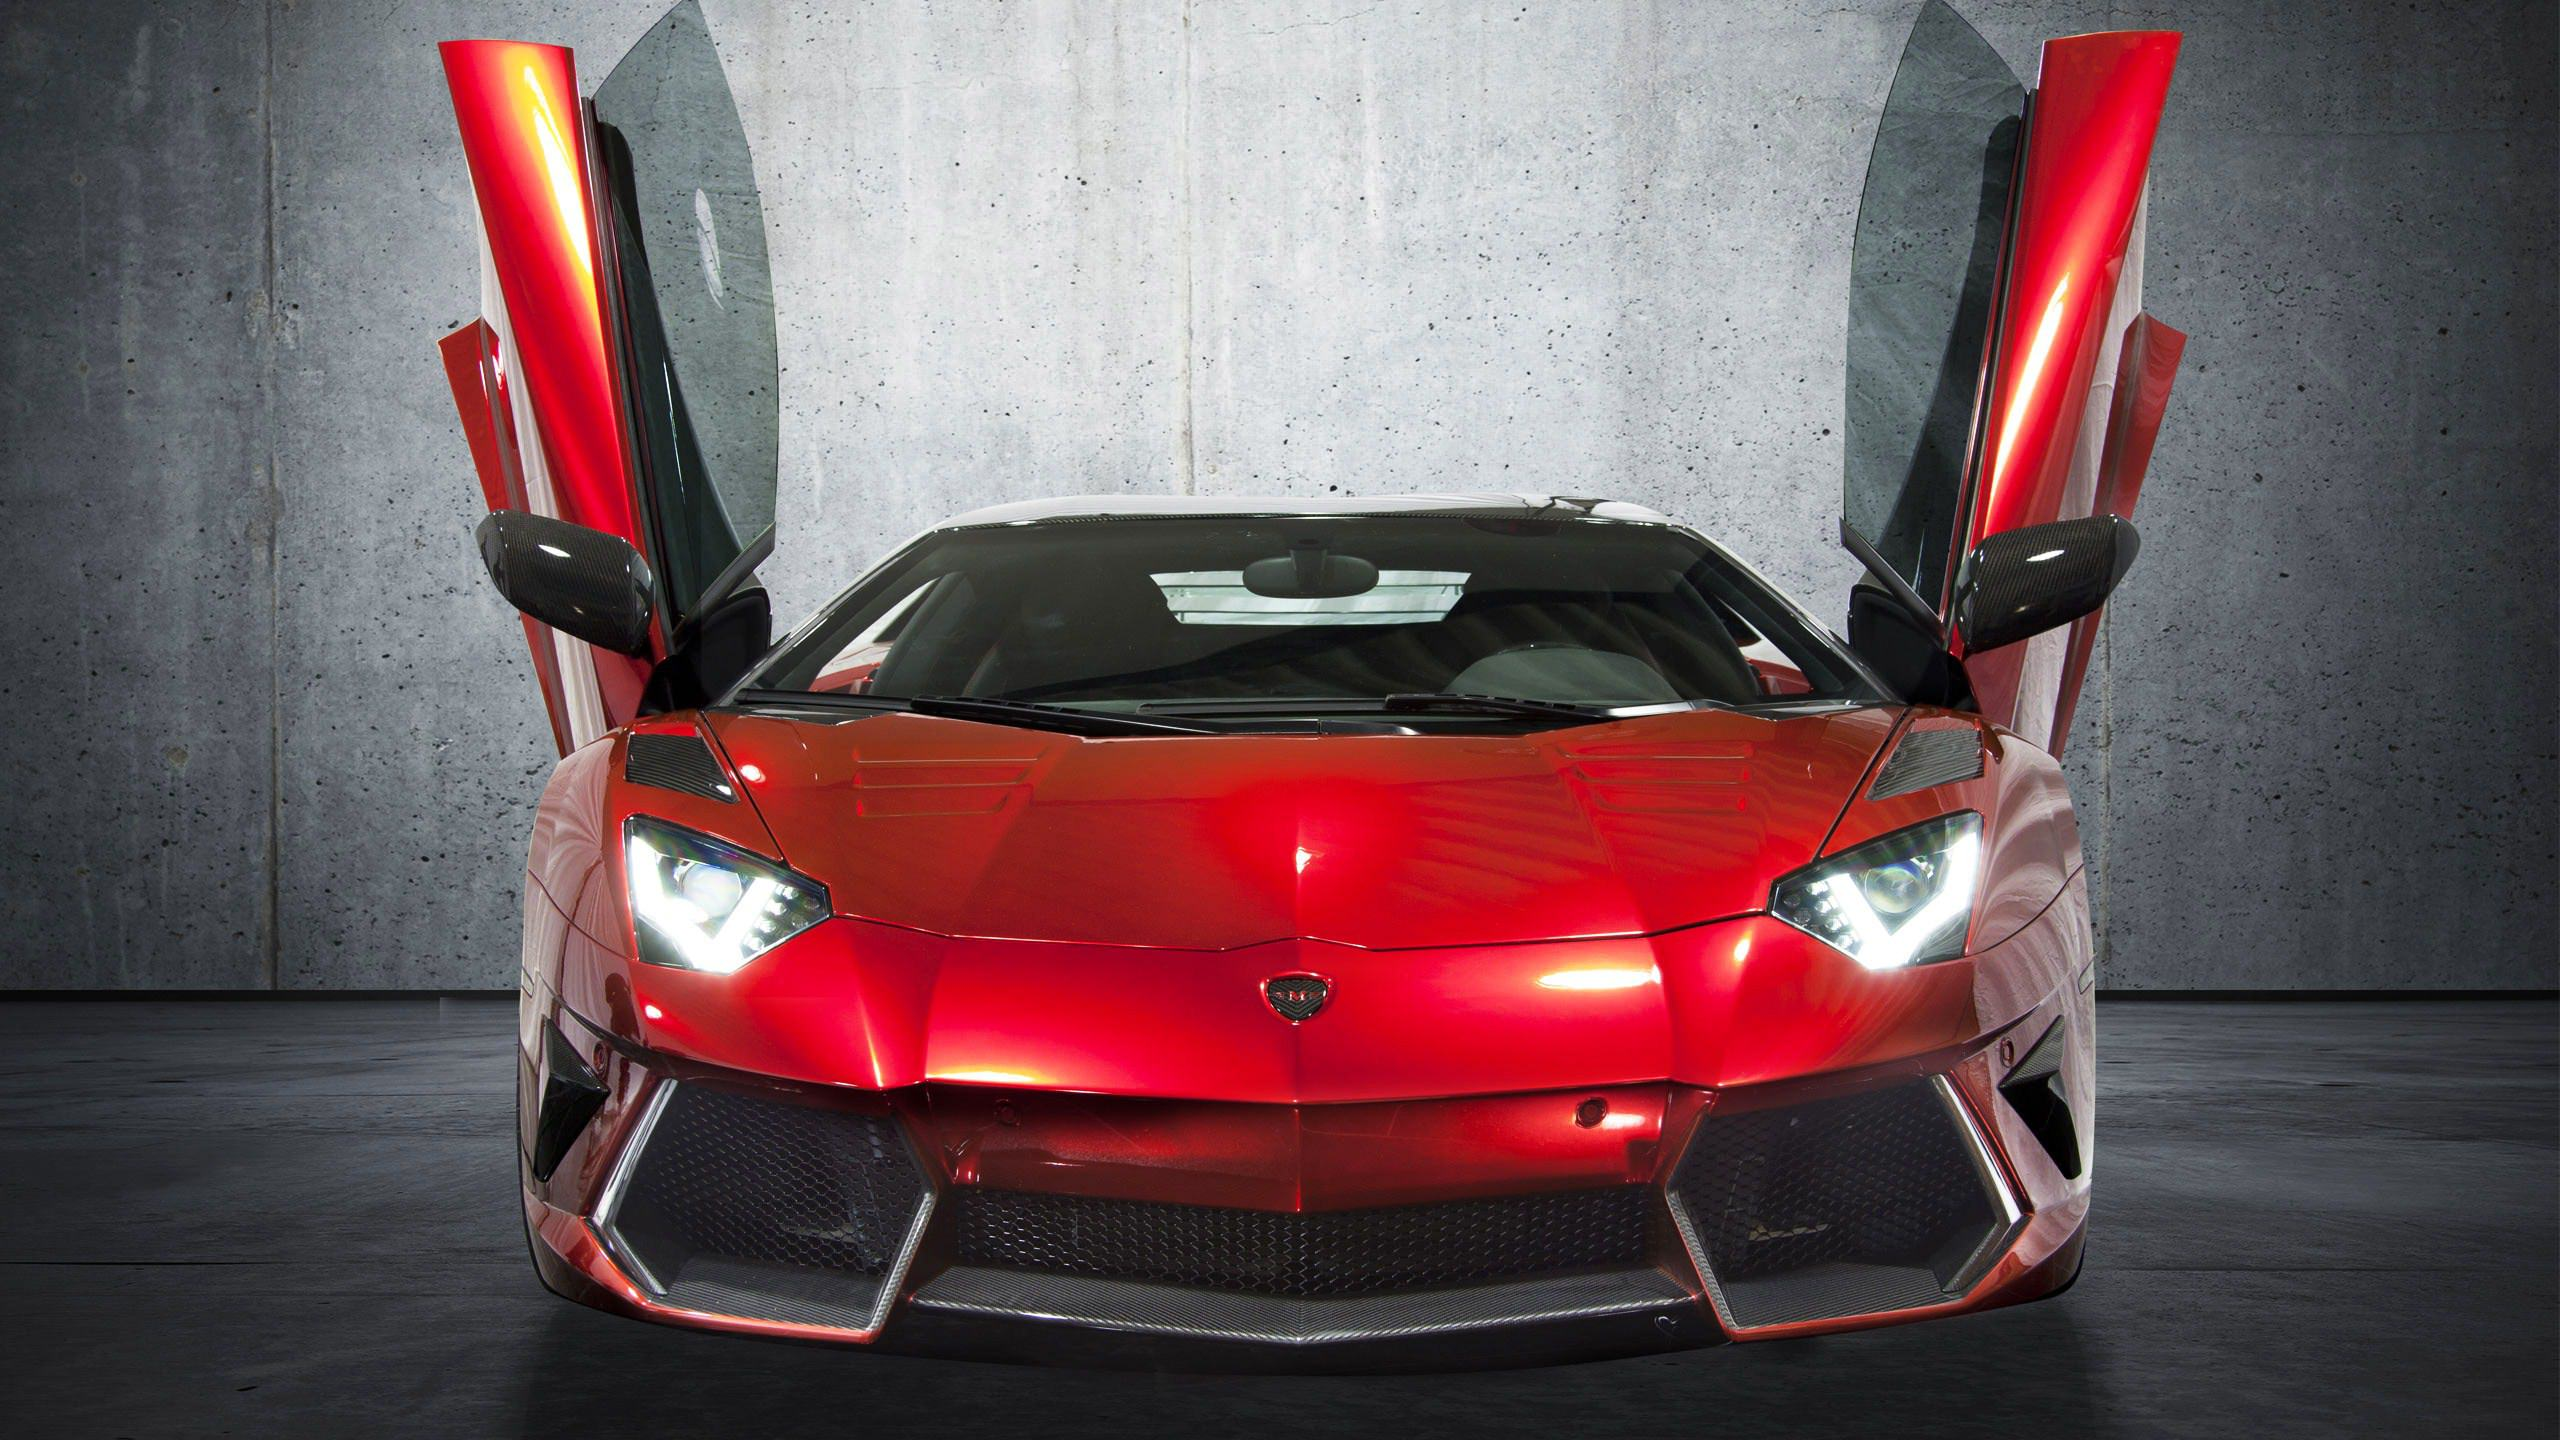 Red Lamborghini Wallpapers Top Free Red Lamborghini